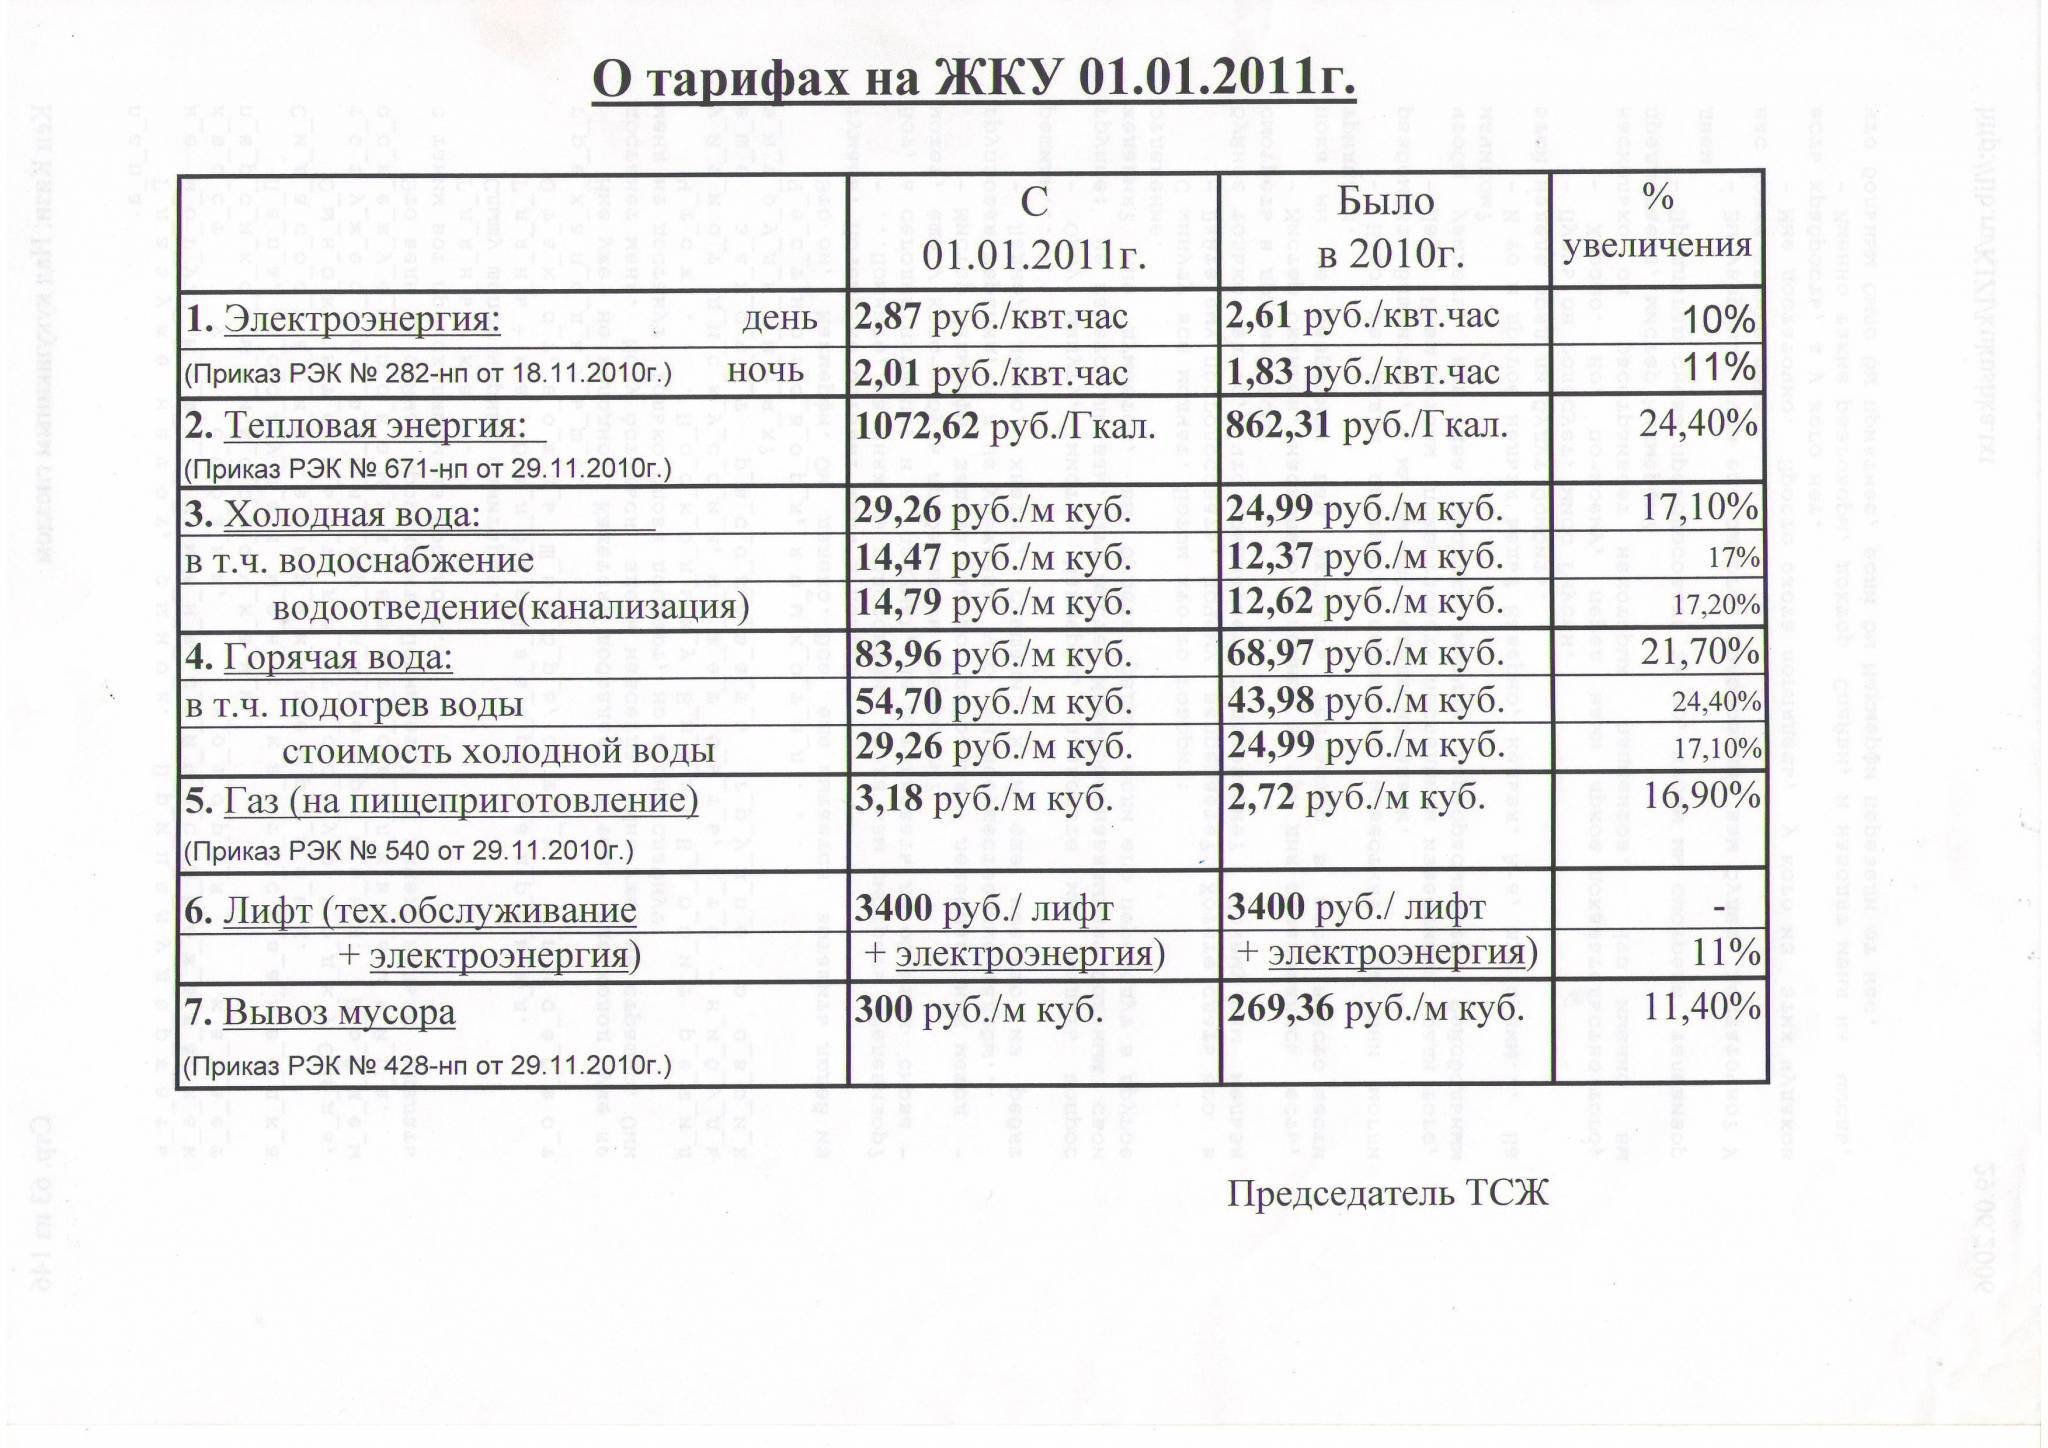 Еврокубы 1000л Купить, Кубовые Емкости 1м3, Ibc Контейнер